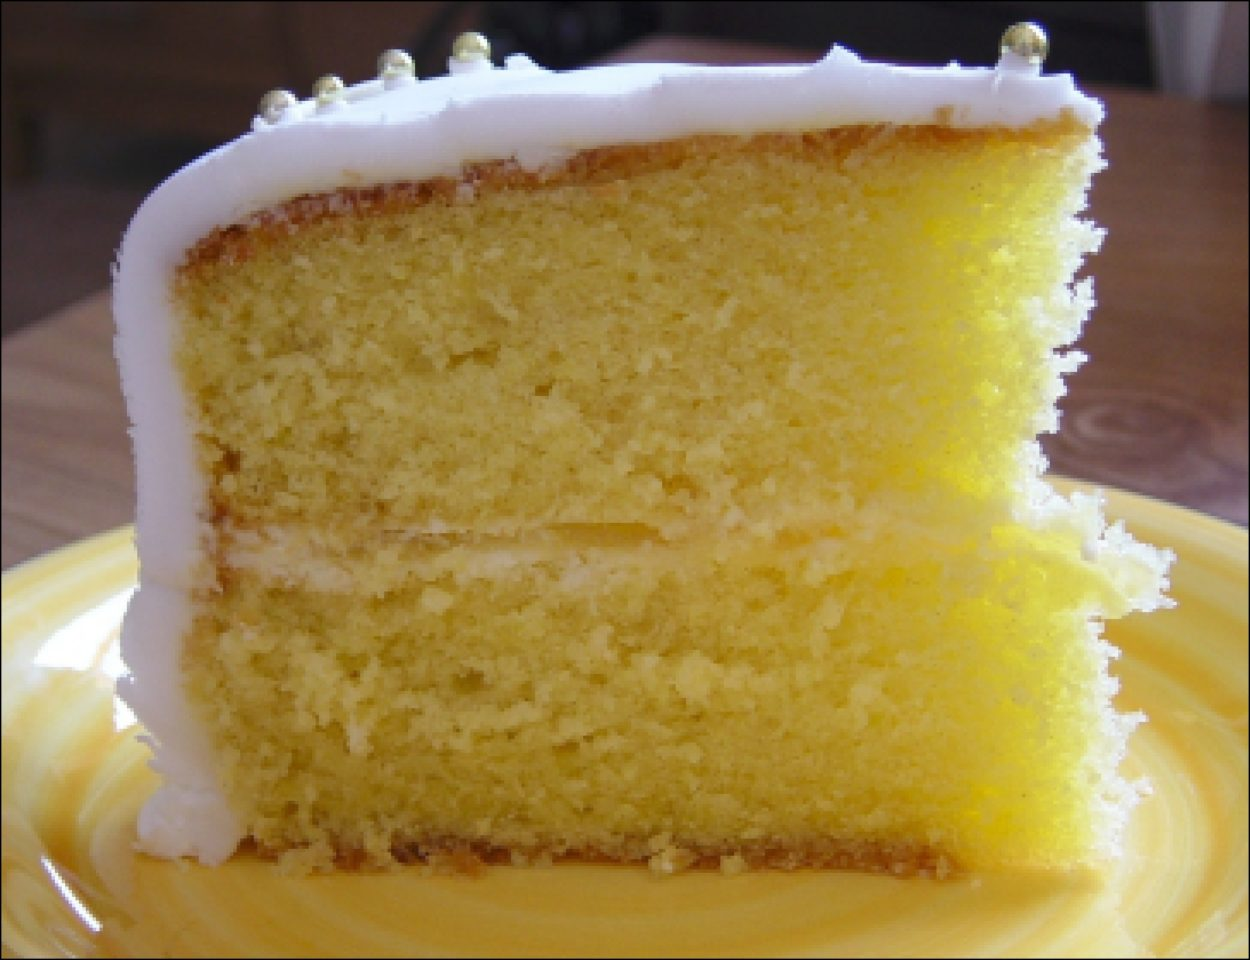 Десерты с использованием сочного и кислого цитруса лимона обладают невероятно приятным и насыщенным вкусом.